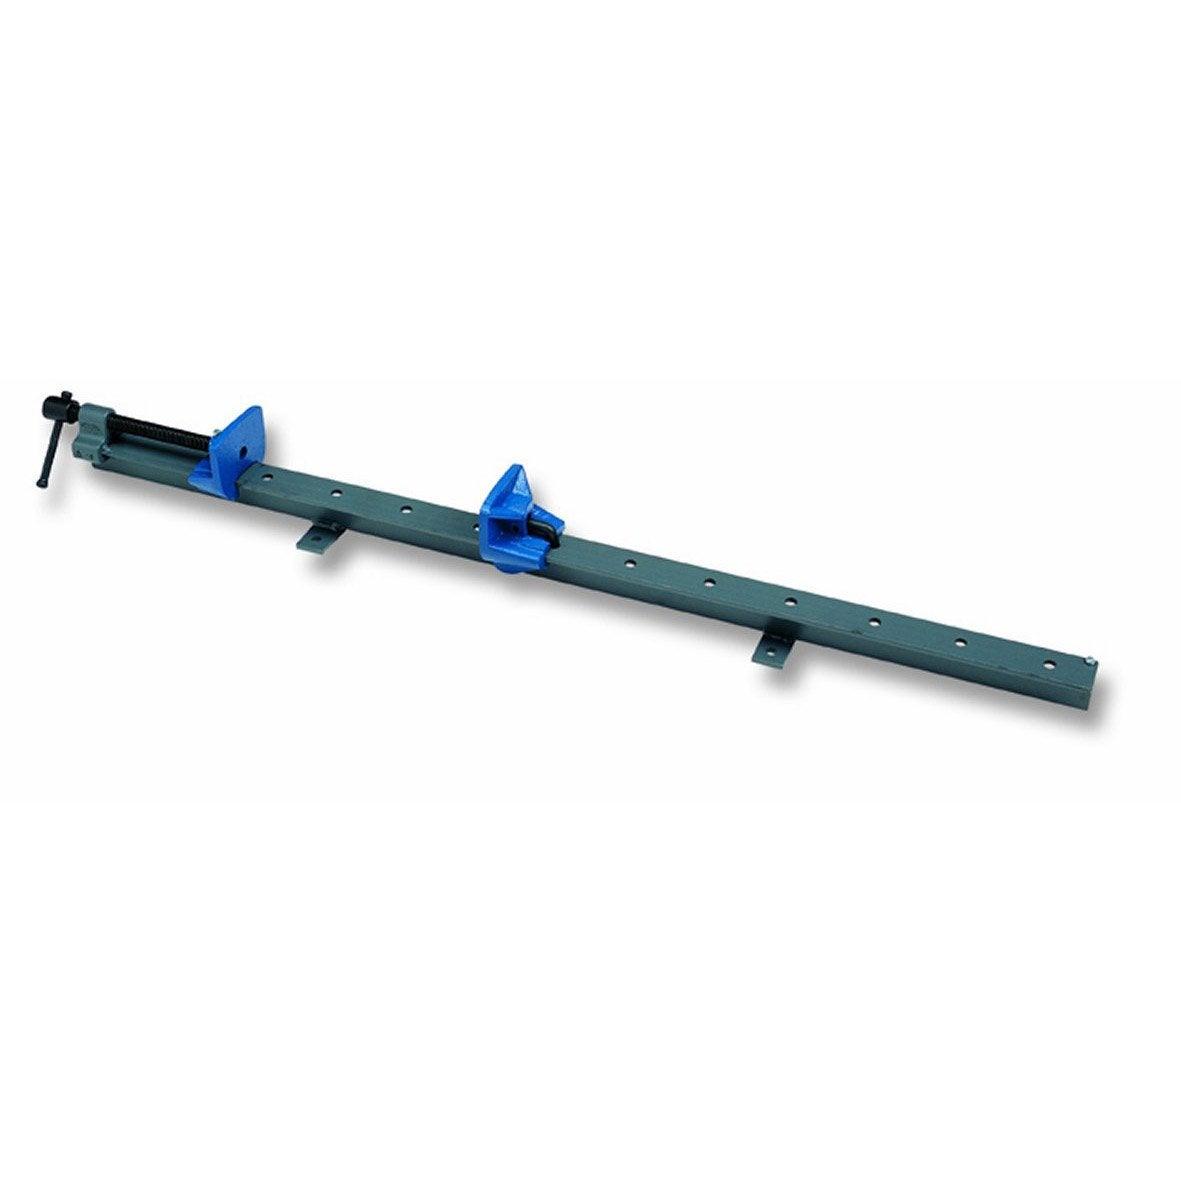 serre joint pompe revex 800 mm leroy merlin. Black Bedroom Furniture Sets. Home Design Ideas